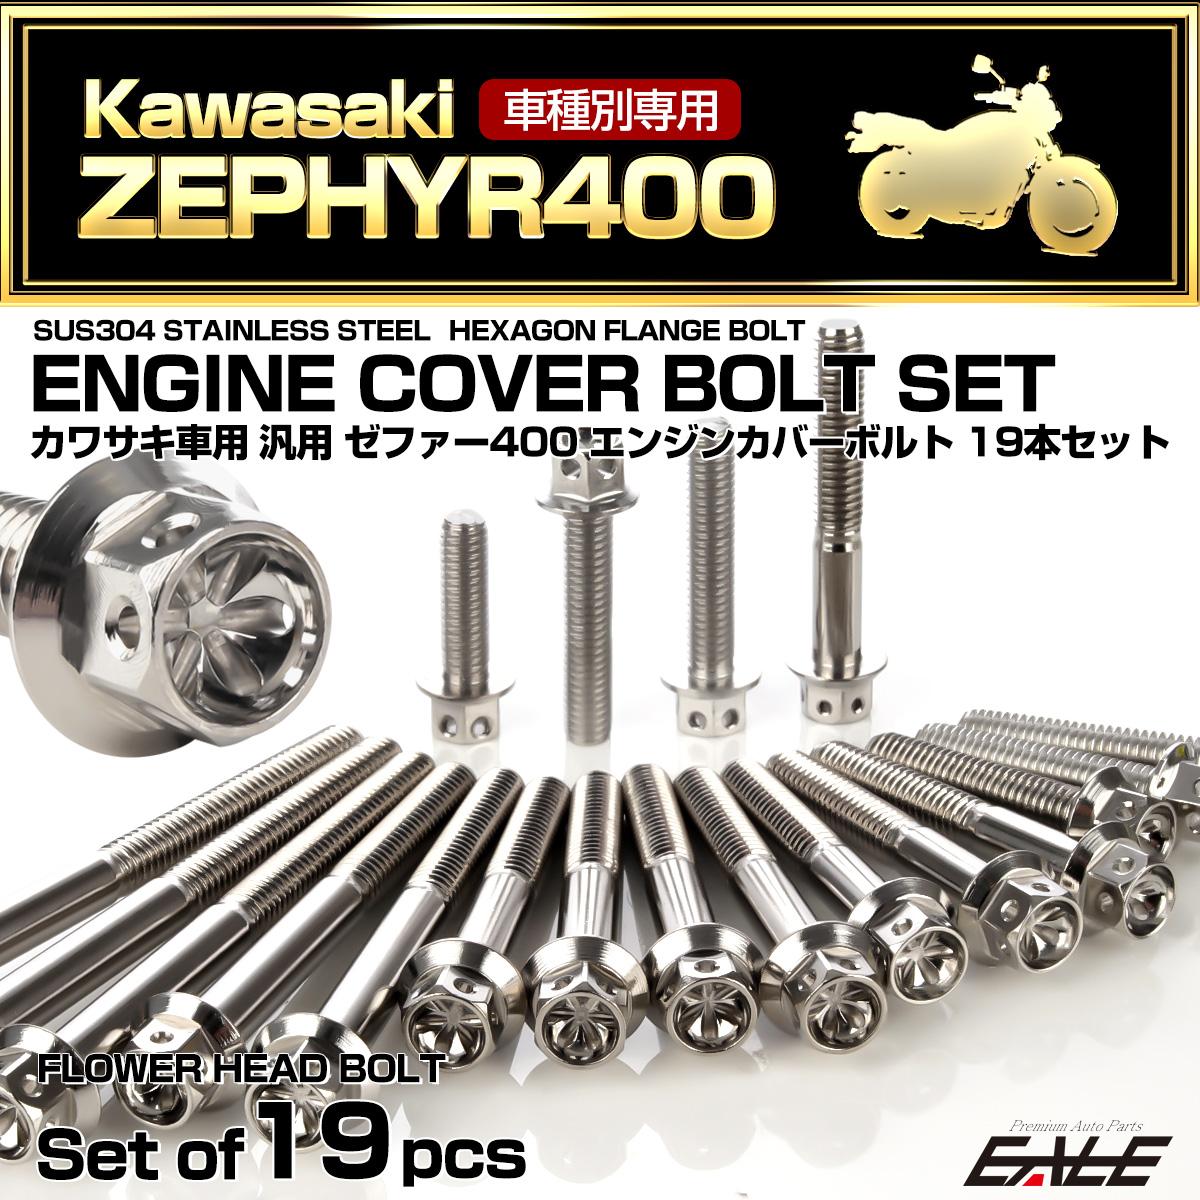 ゼファー400 エンジンカバーボルト 19本セット カワサキ車用 ZEPHYR400 フラワーヘッド シルバー TB8123